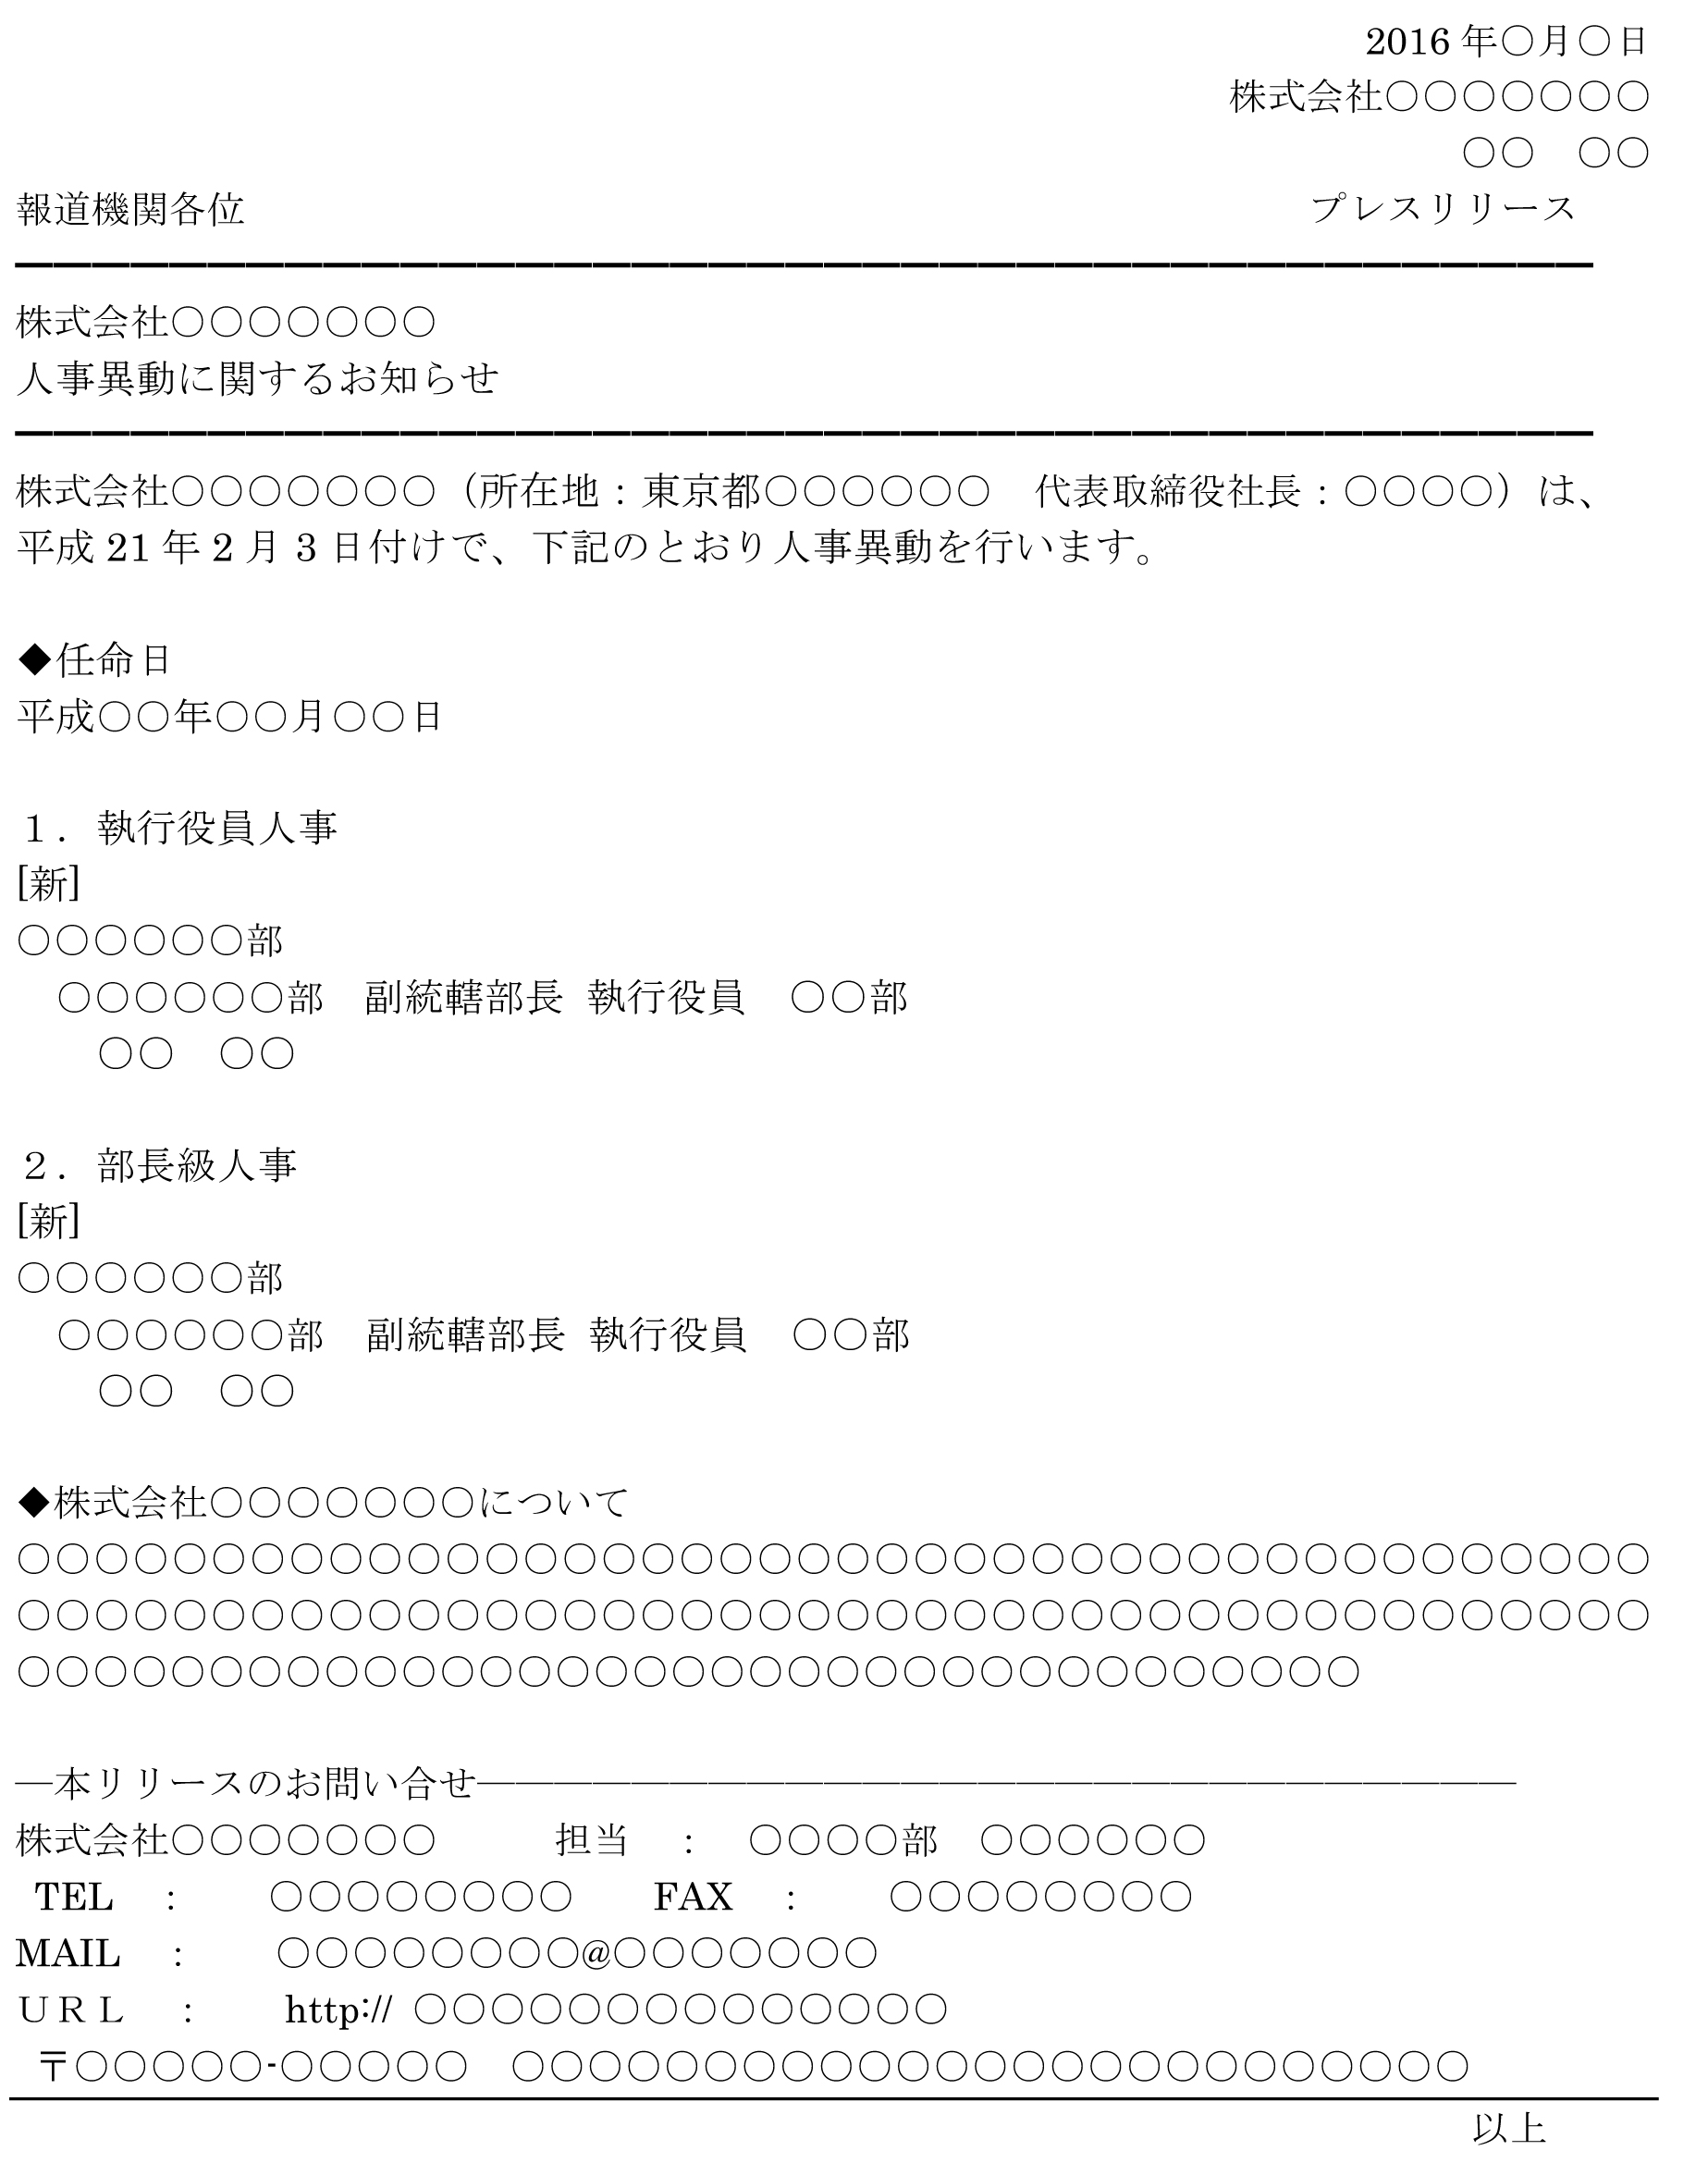 プレスリリース(人事異動)